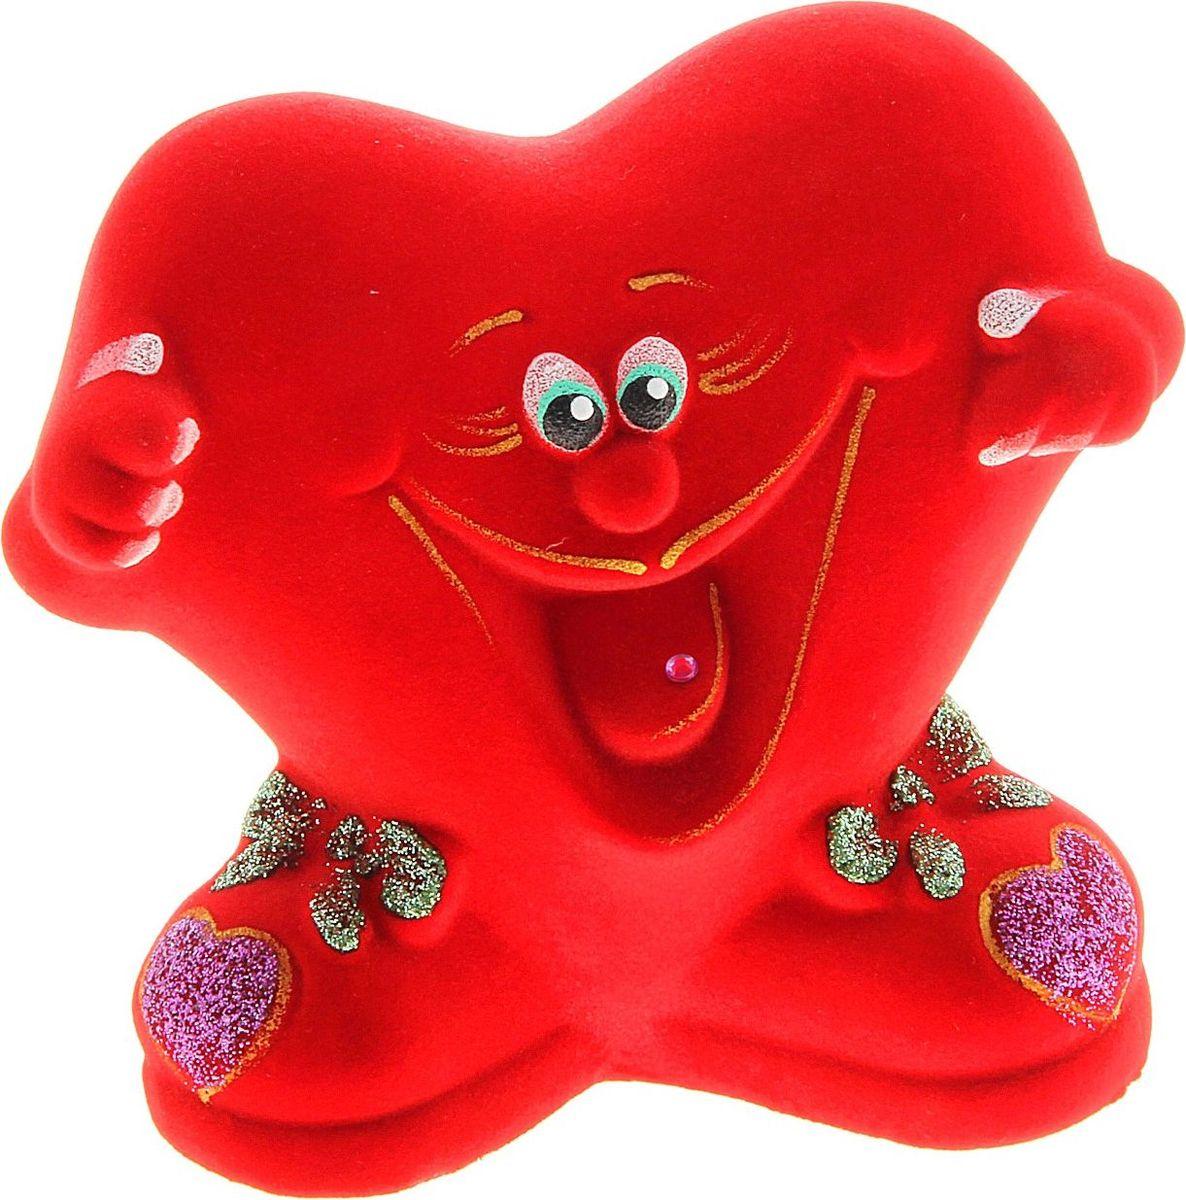 Копилка Керамика ручной работы Улыбающееся сердечко, цвет: красный, 8 х 14 х 14 см748874Ищете подарок для второй половинки? Копилка в форме сердца станет приятным сюрпризом и отличным сувениром для любимого человека на 14 февраля или годовщину. Придумайте, что бы вы хотели купить вместе, и откладывайте сбережения.Обращаем ваше внимание, что копилка является одноразовой.